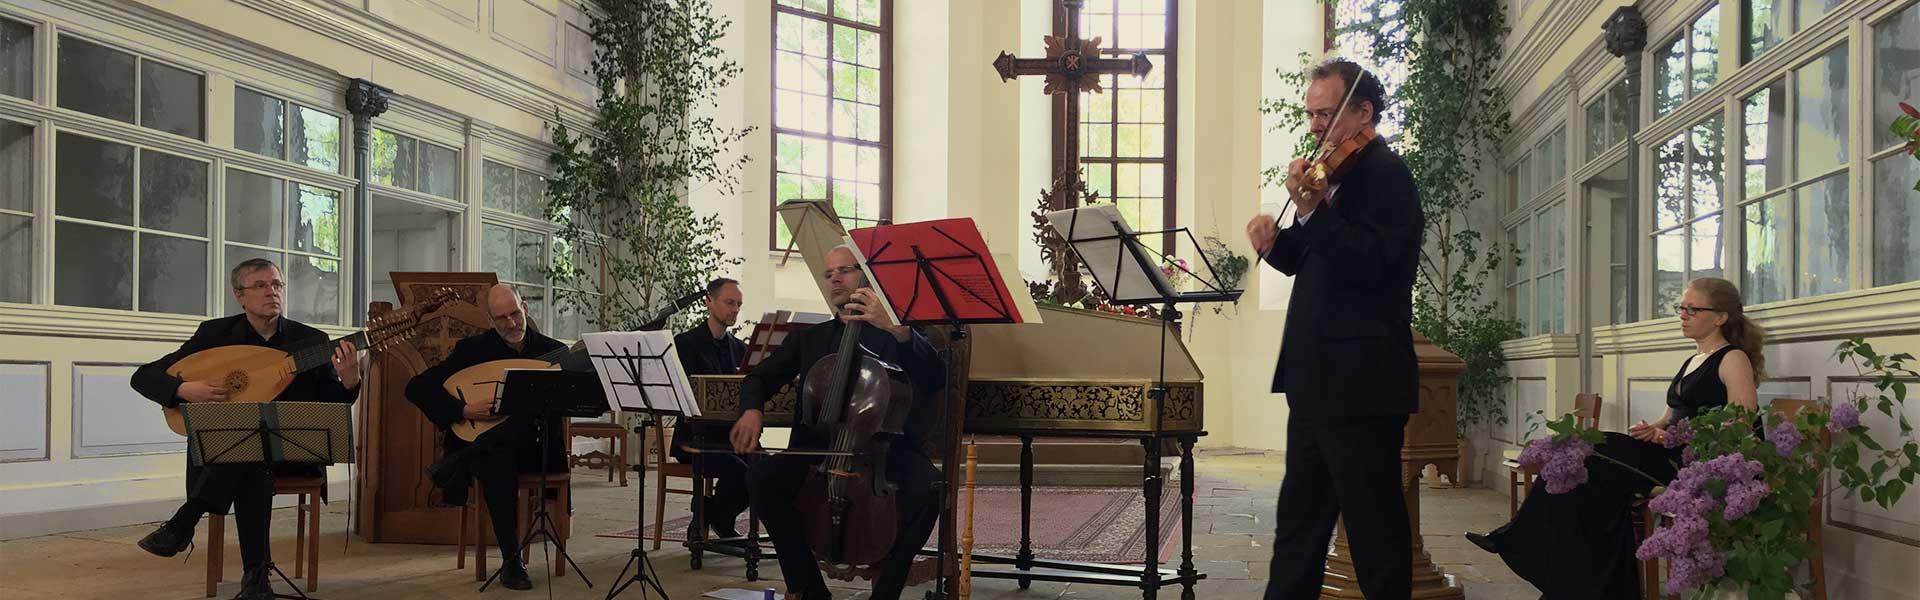 Sächsische Musiktradition.